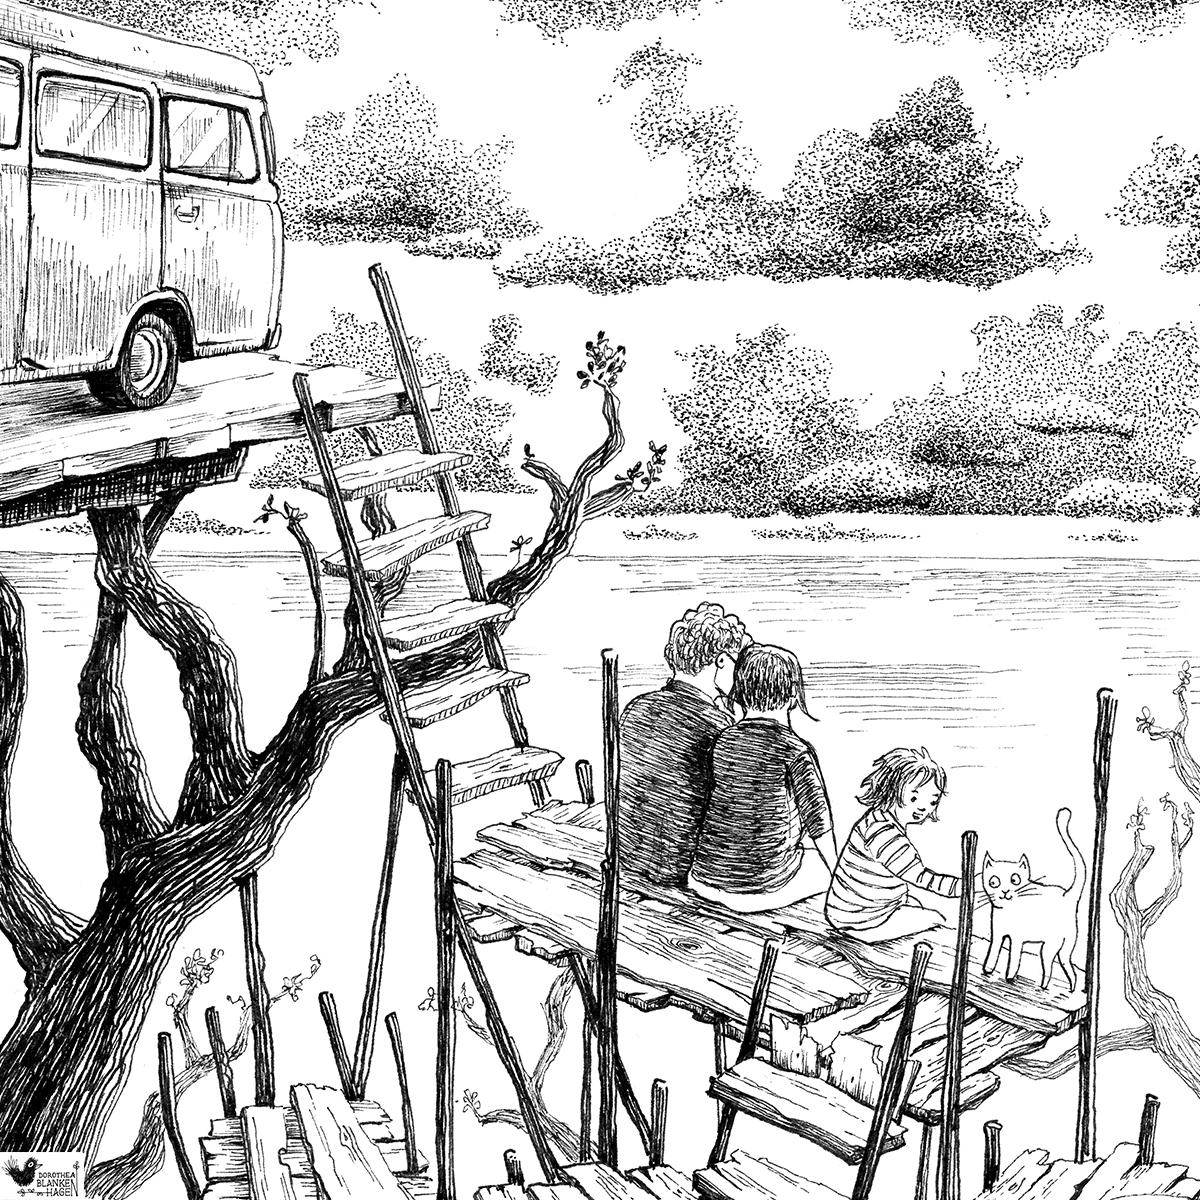 Unsere Abkürzung führt uns zu einem  atemberaubenden Ausblick. Hier müssen wir natürlich innehalten. Dieses Bild ist der Illustratorin Bille Weidenbach gewidmet.